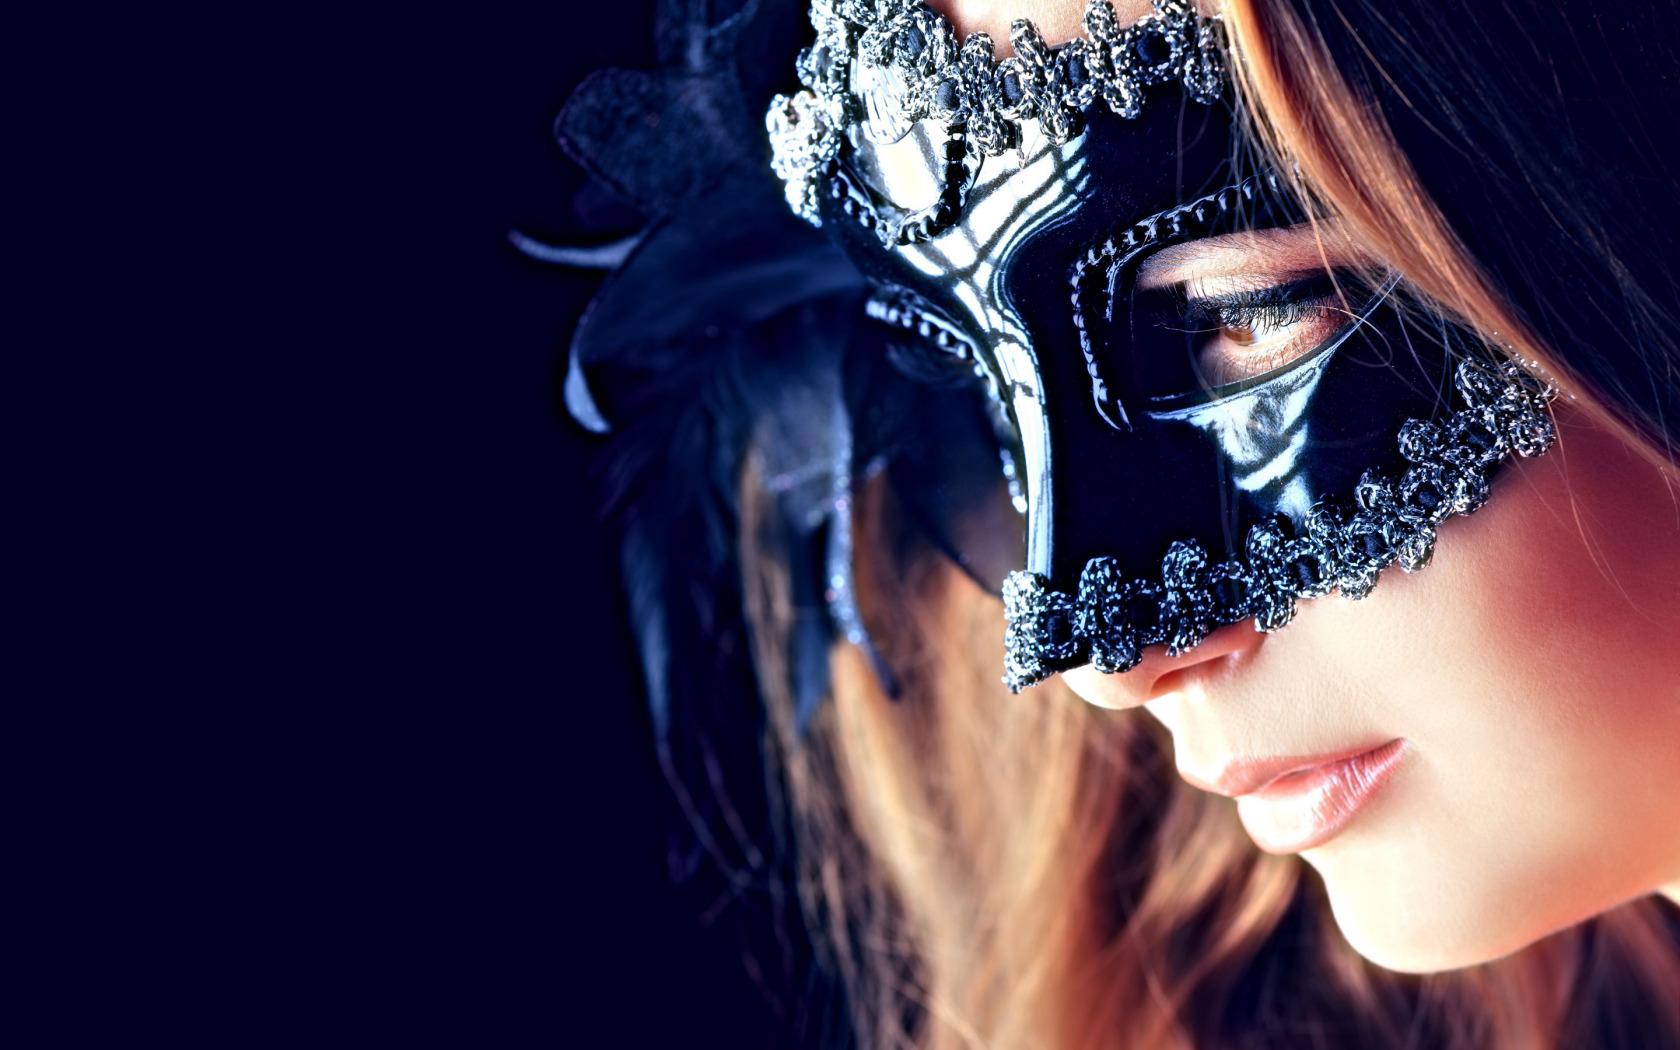 Фото на аву в масках для девушек